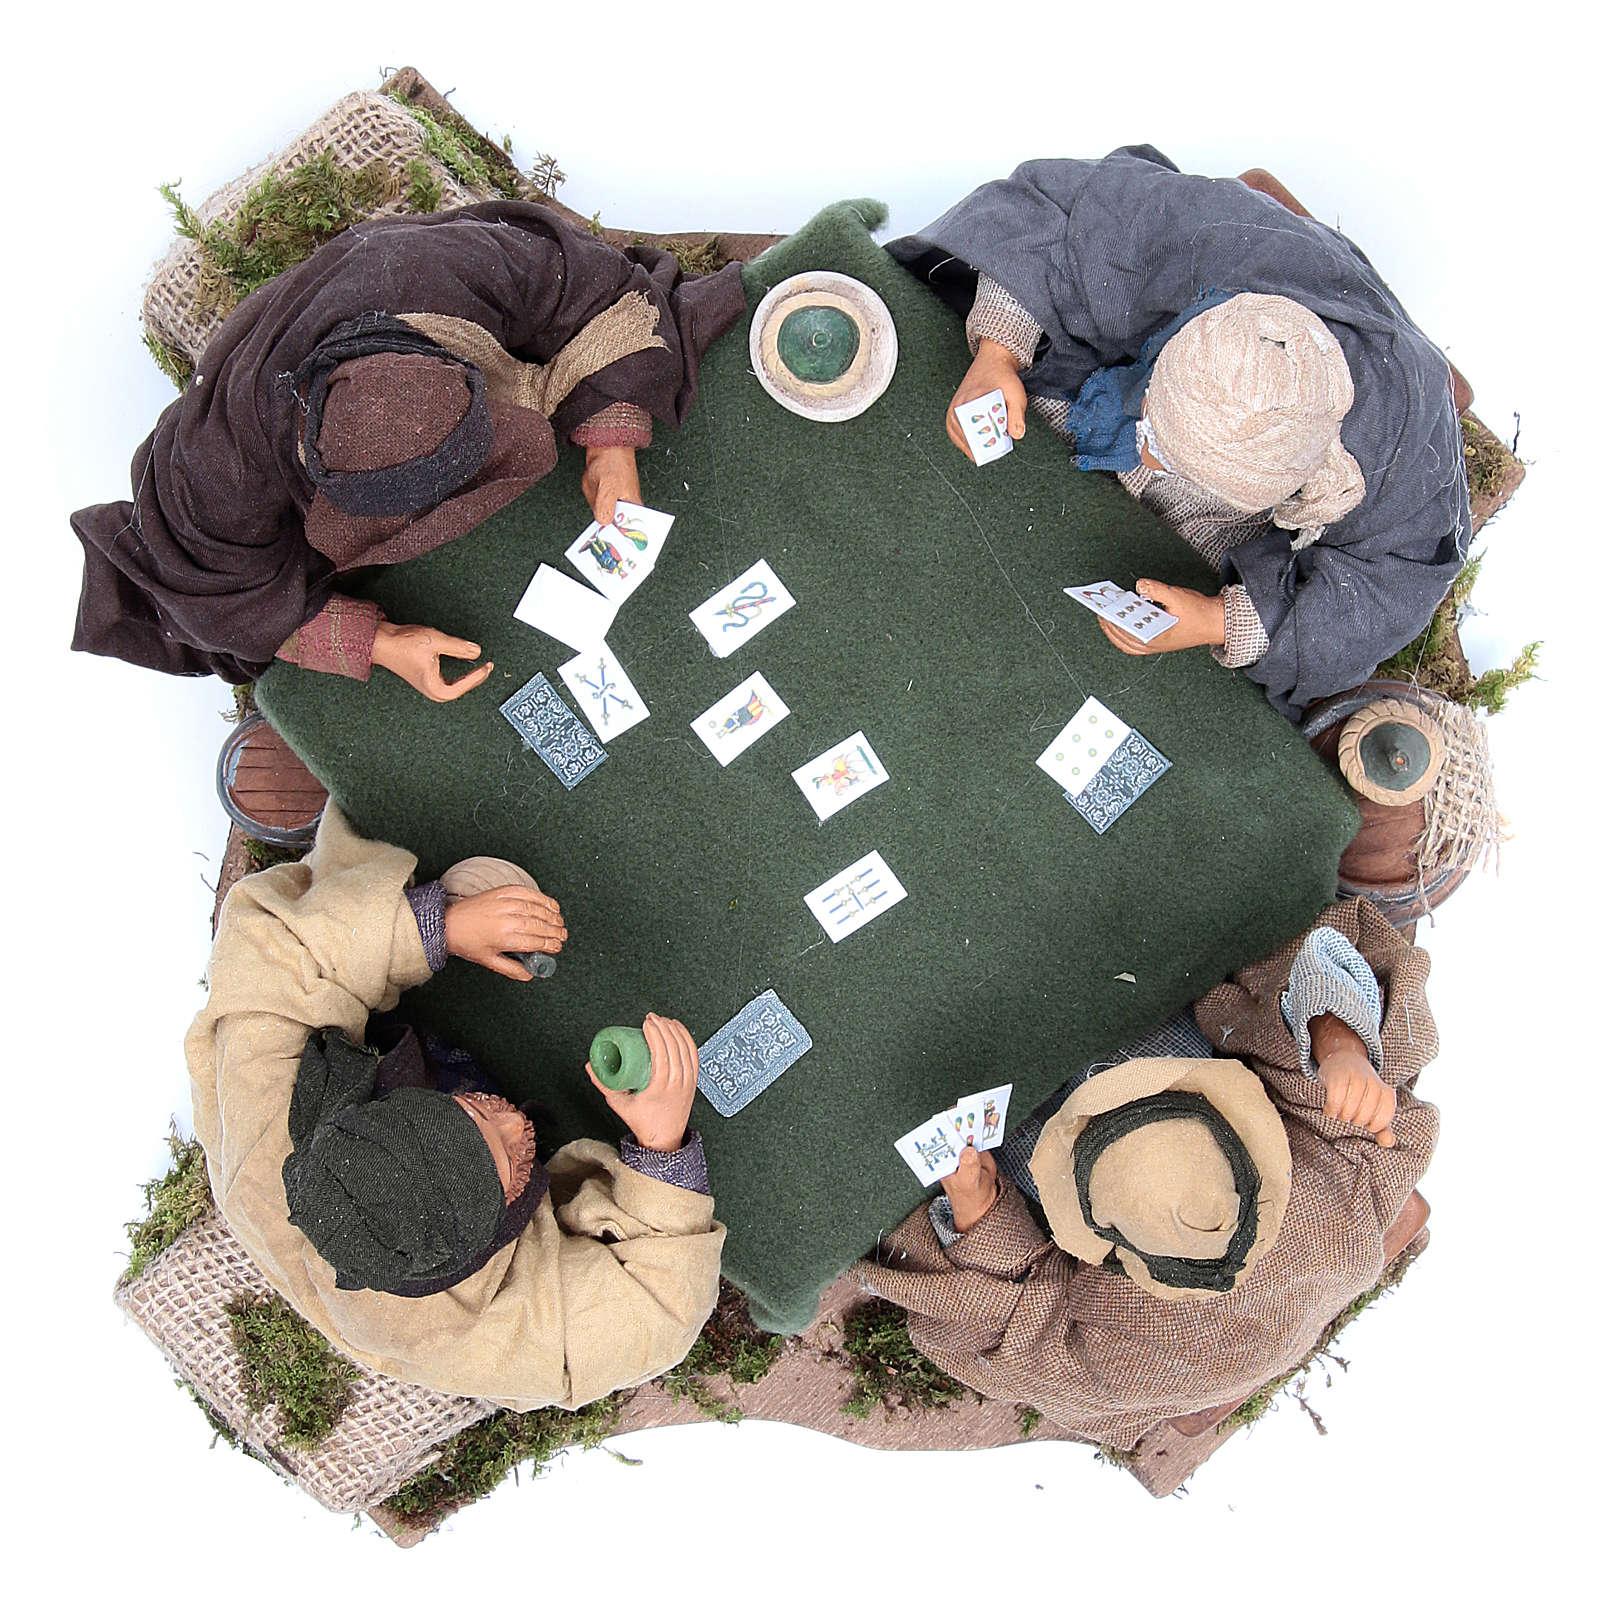 Giocatori di carte 4 personaggi 24 cm movimento presepe Napoli 4